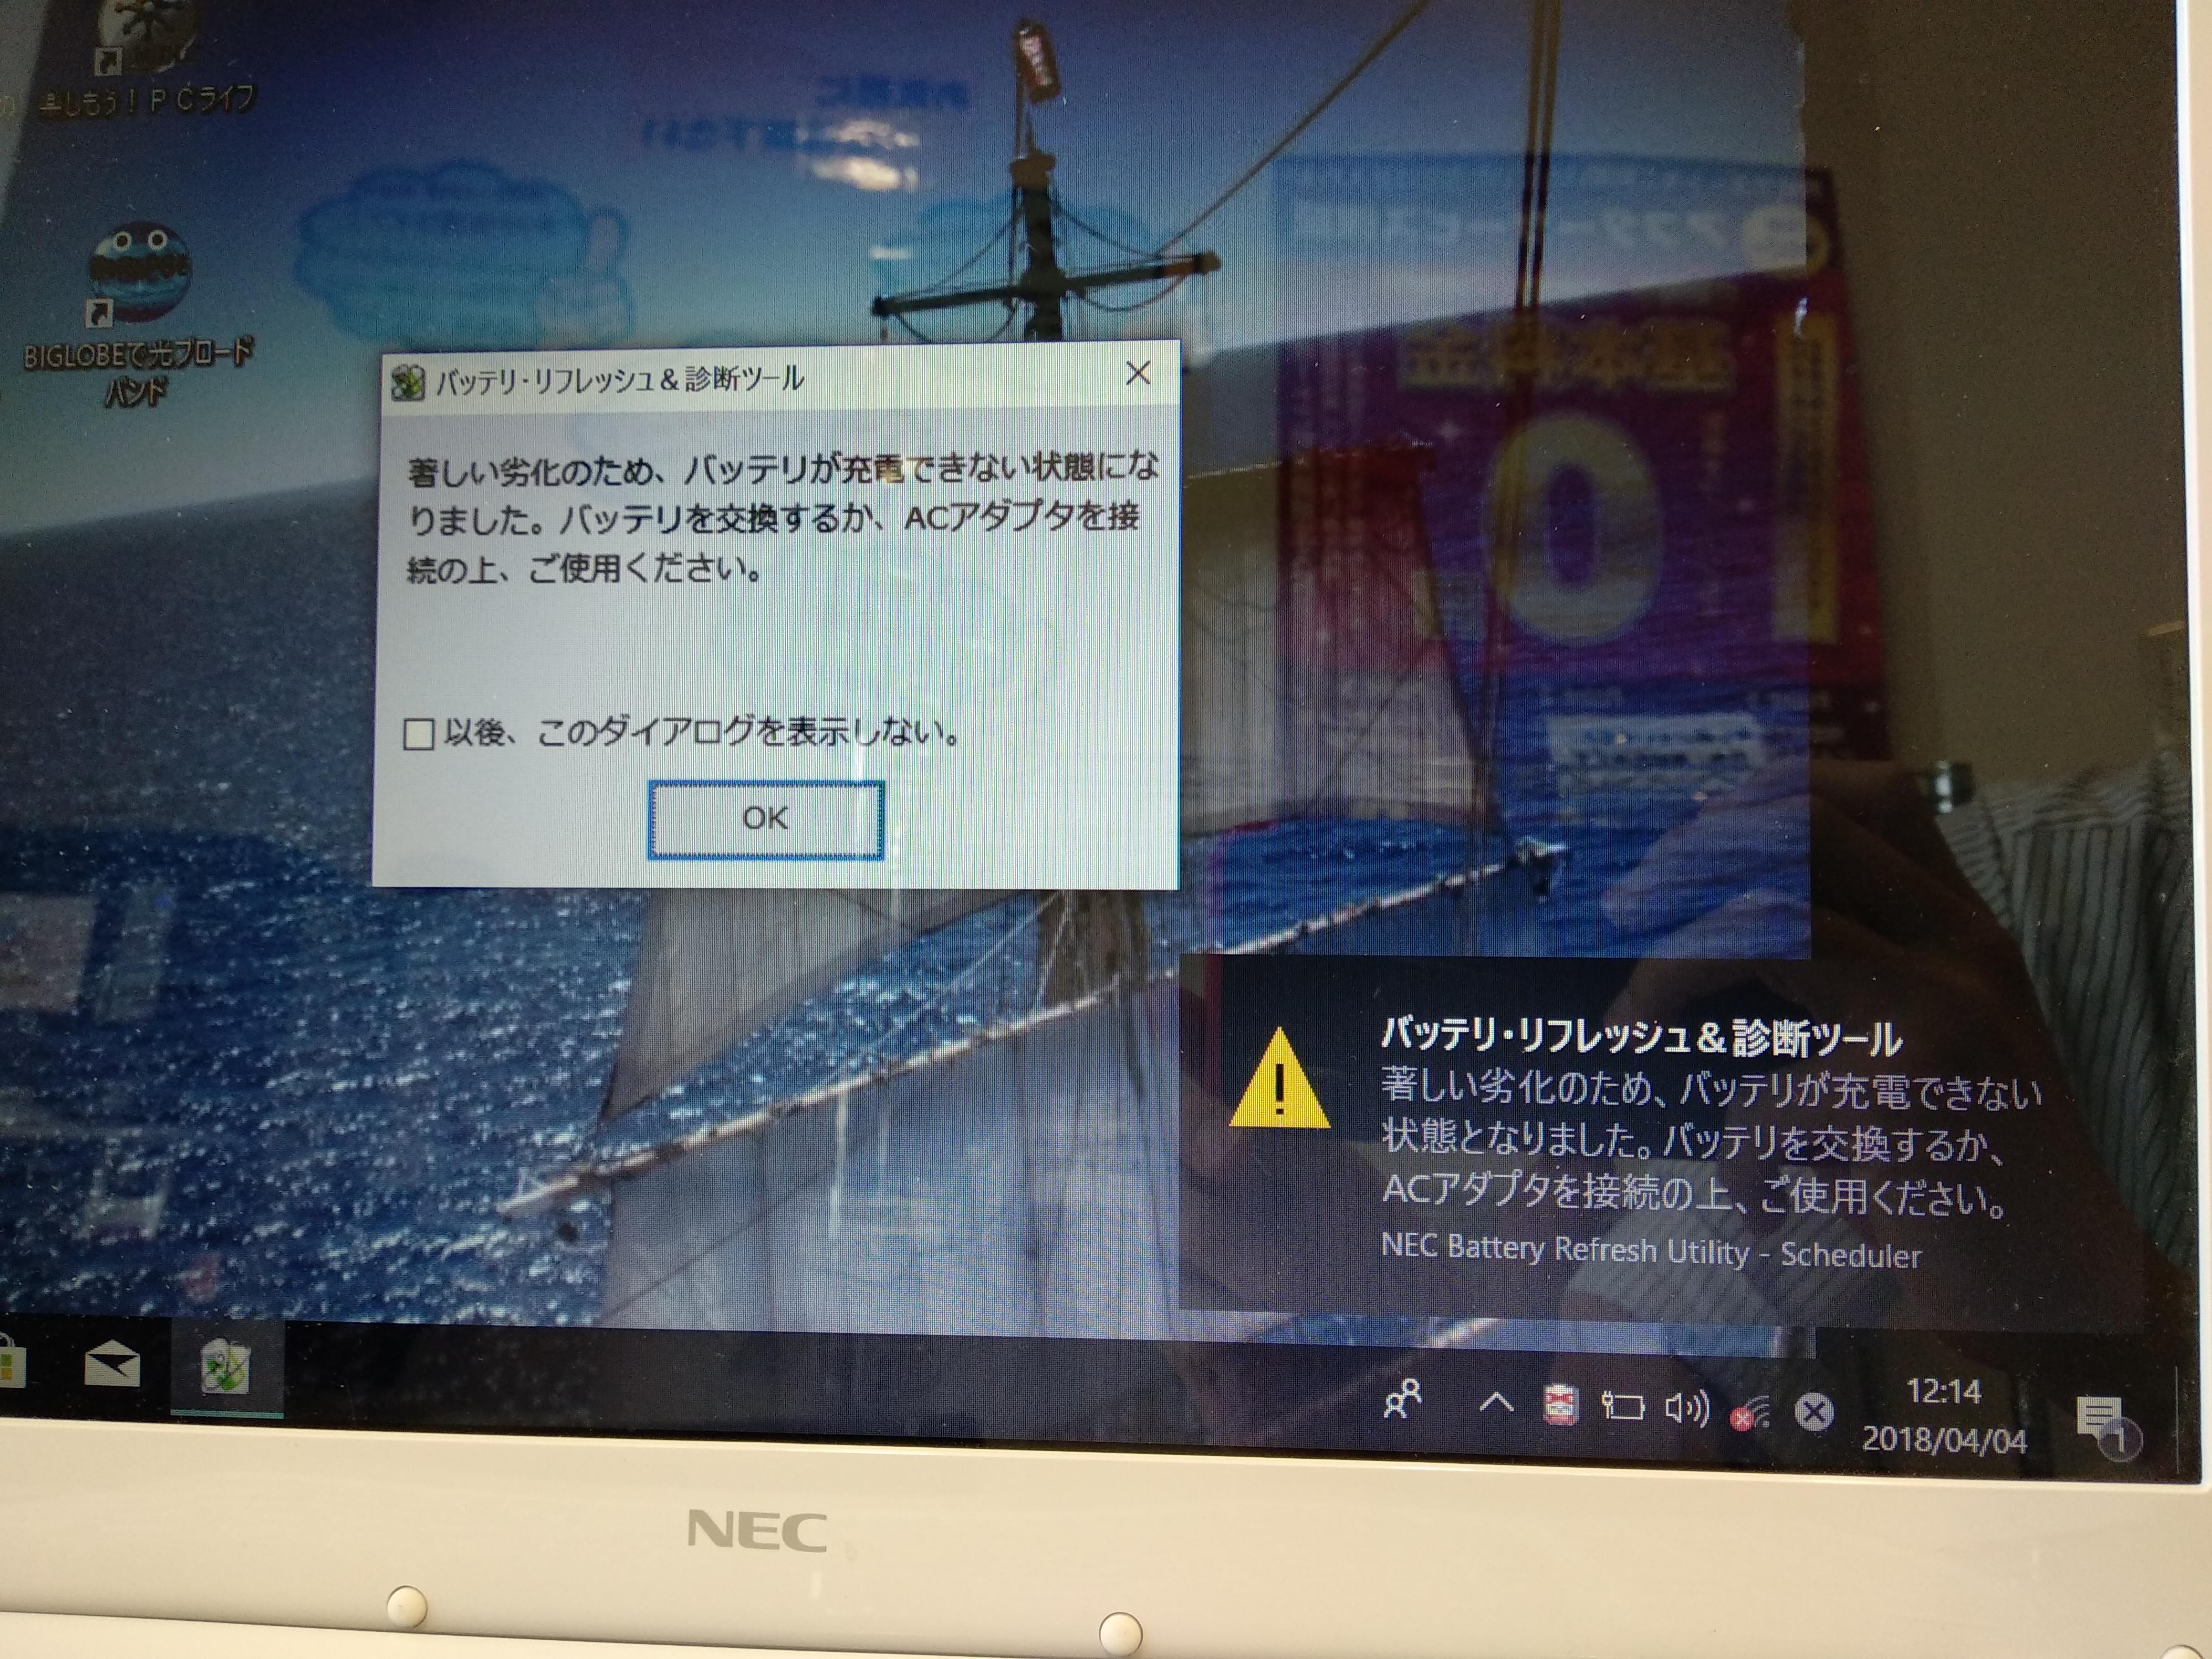 神奈川県横浜市 ノートパソコンのバッテリーが充電できない/NEC Windows 10のイメージ